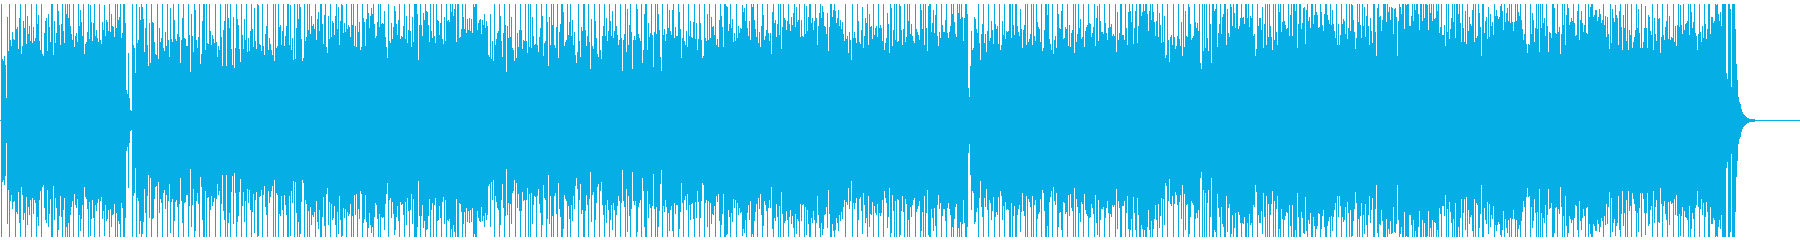 軽快 さわやか 情報 アウトドア 躍動の再生済みの波形